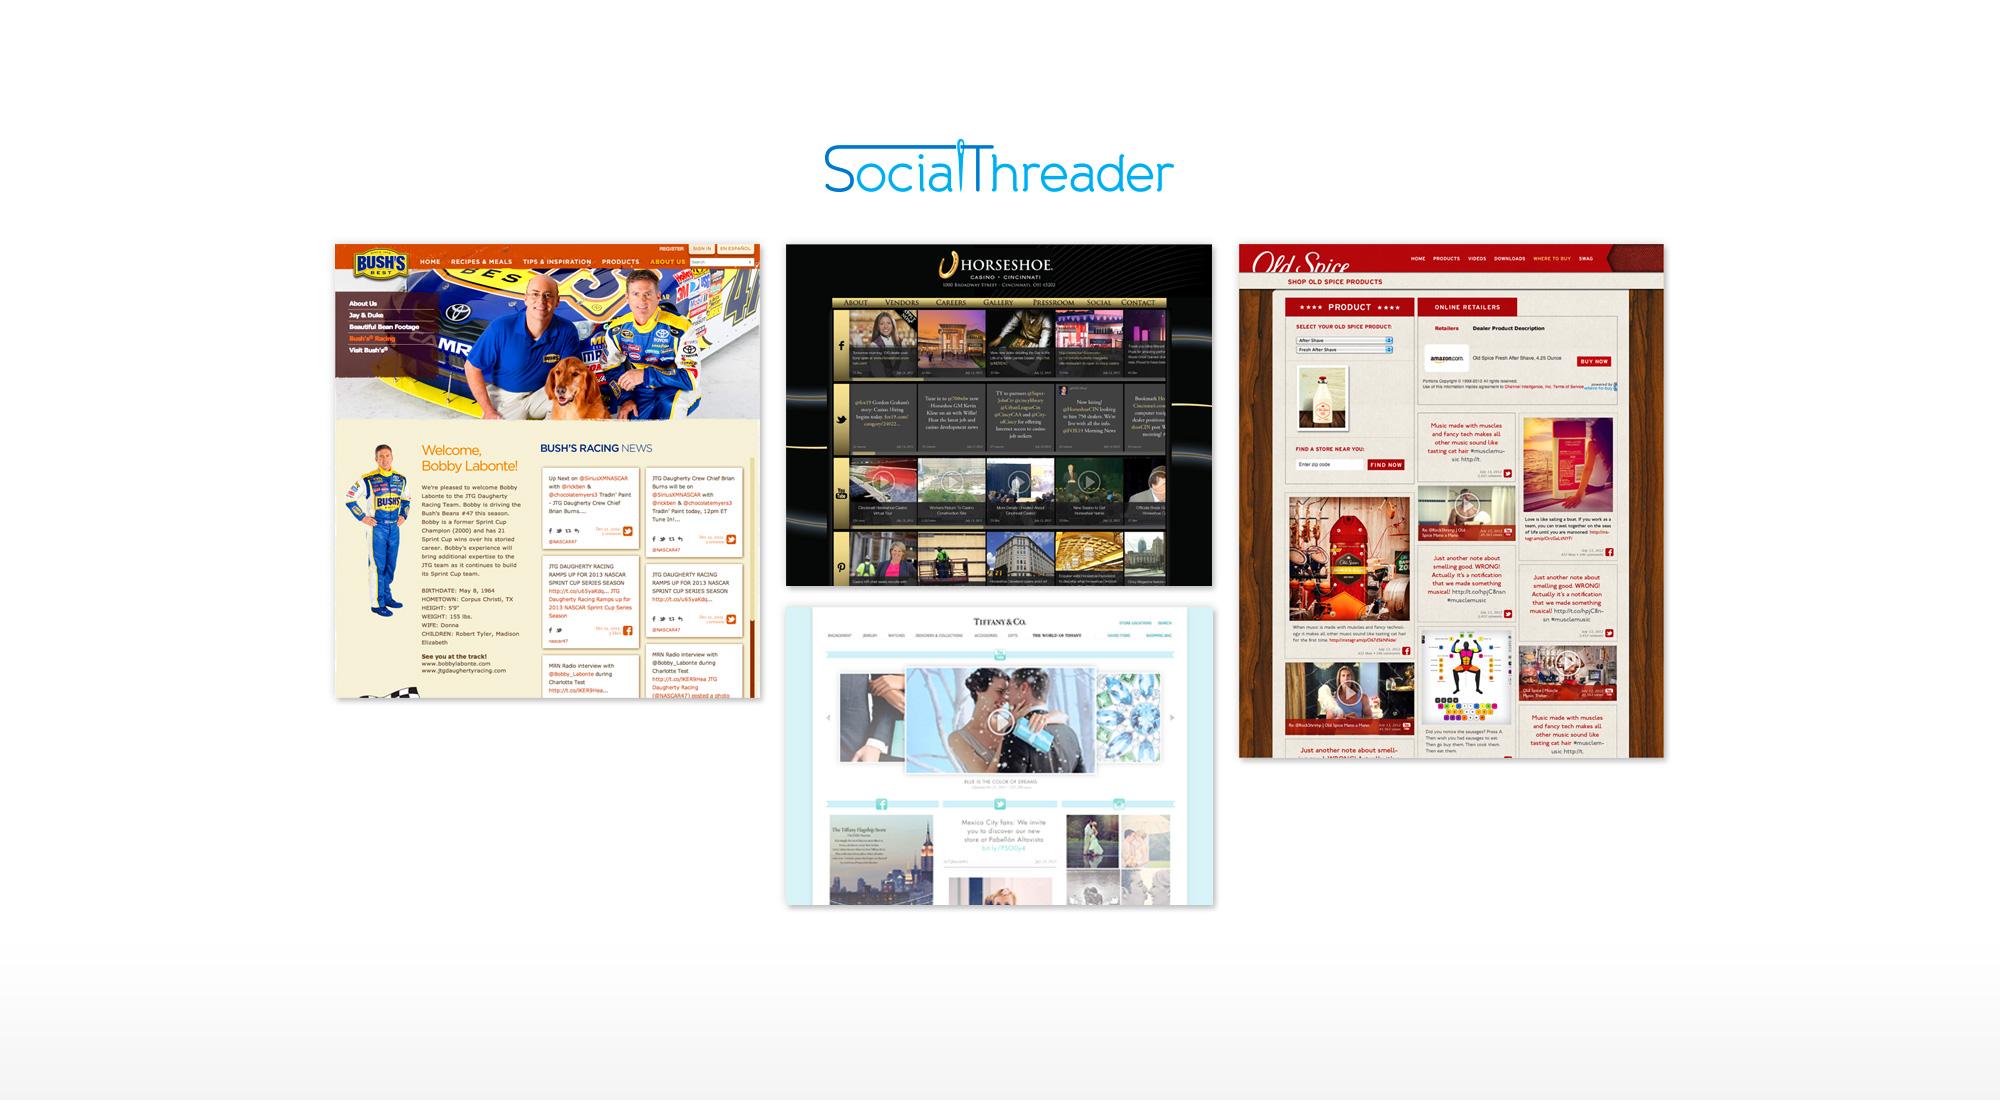 social_threader_02